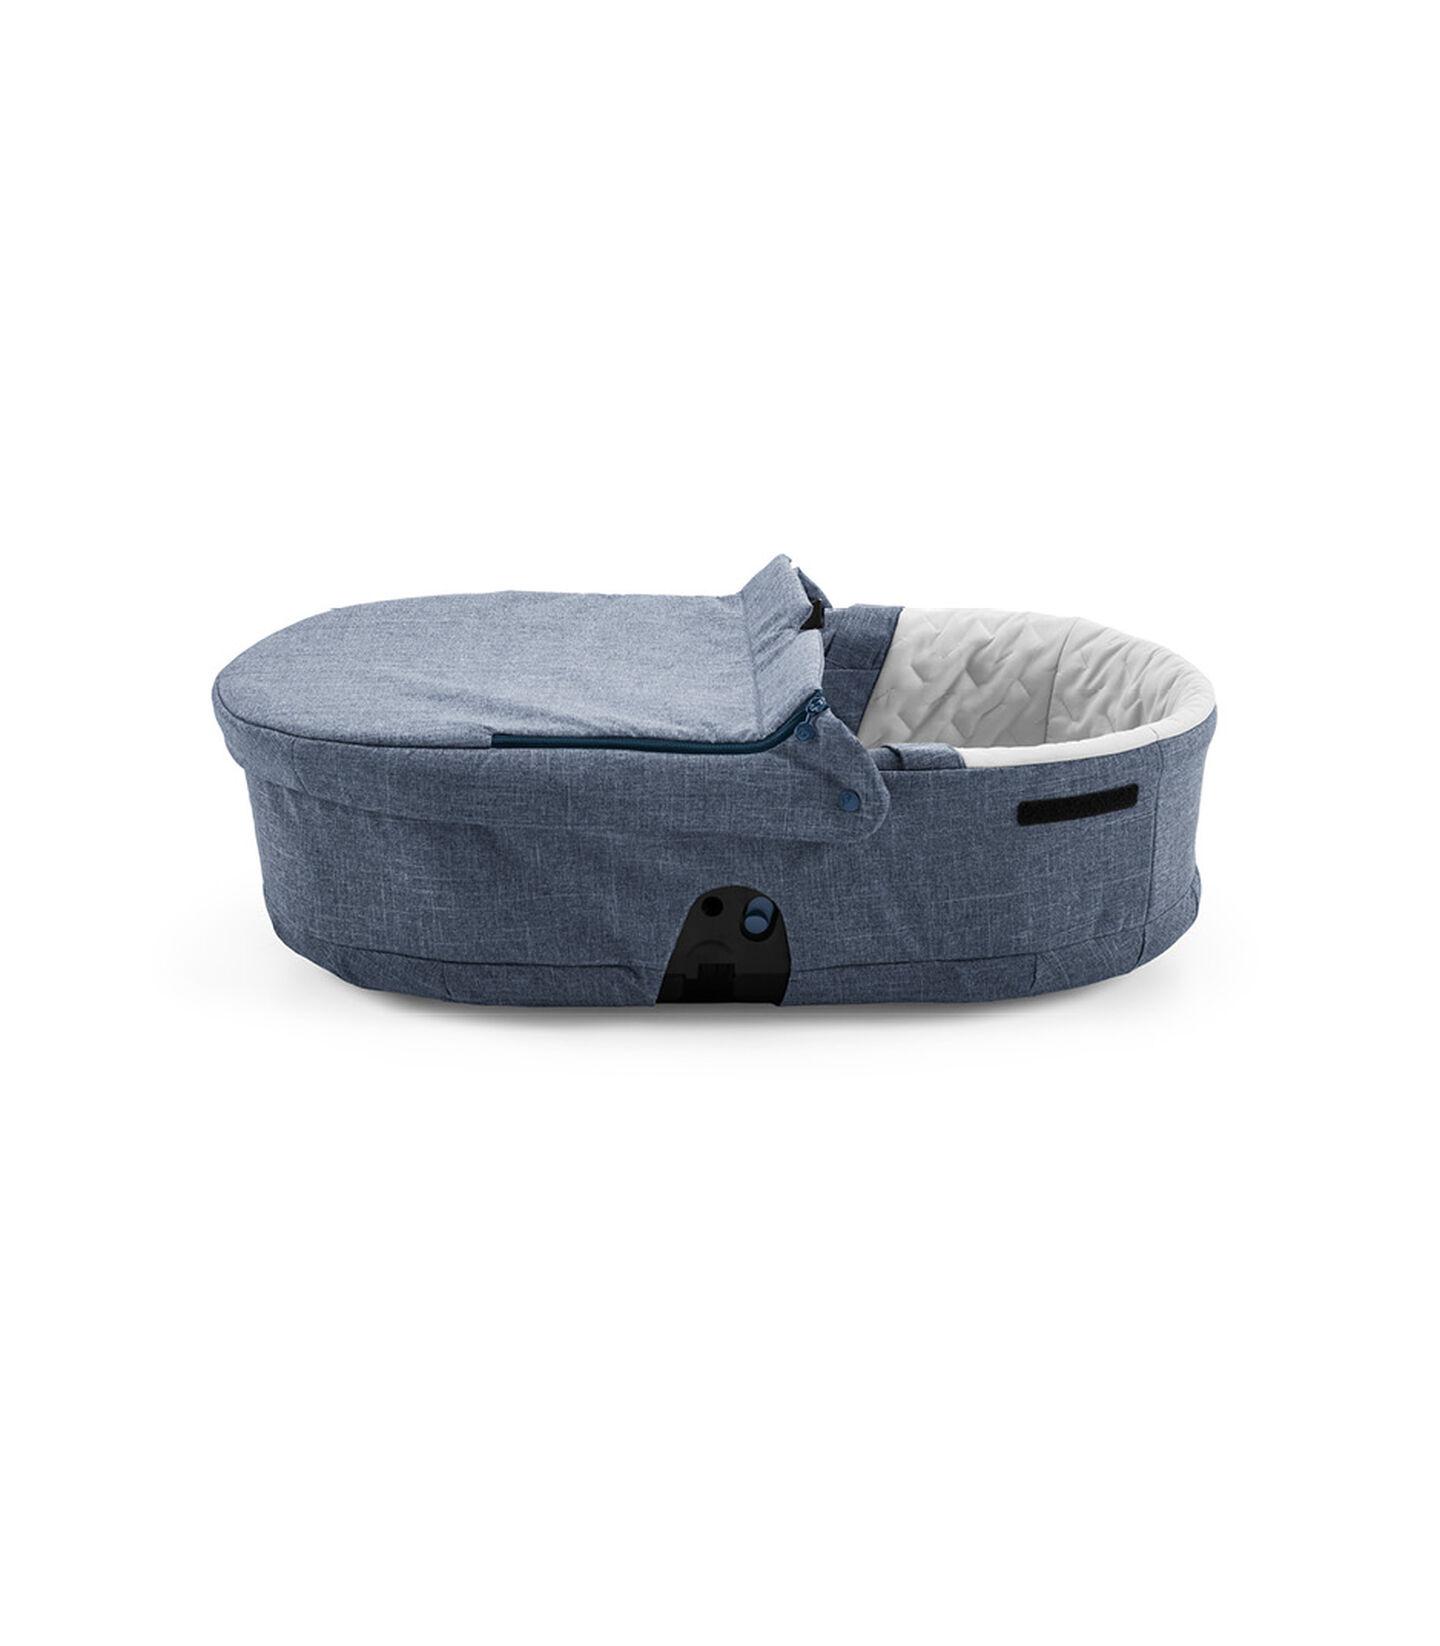 Stokke® Beat Carry Cot Blue Melange, Bleu mélange, mainview view 1